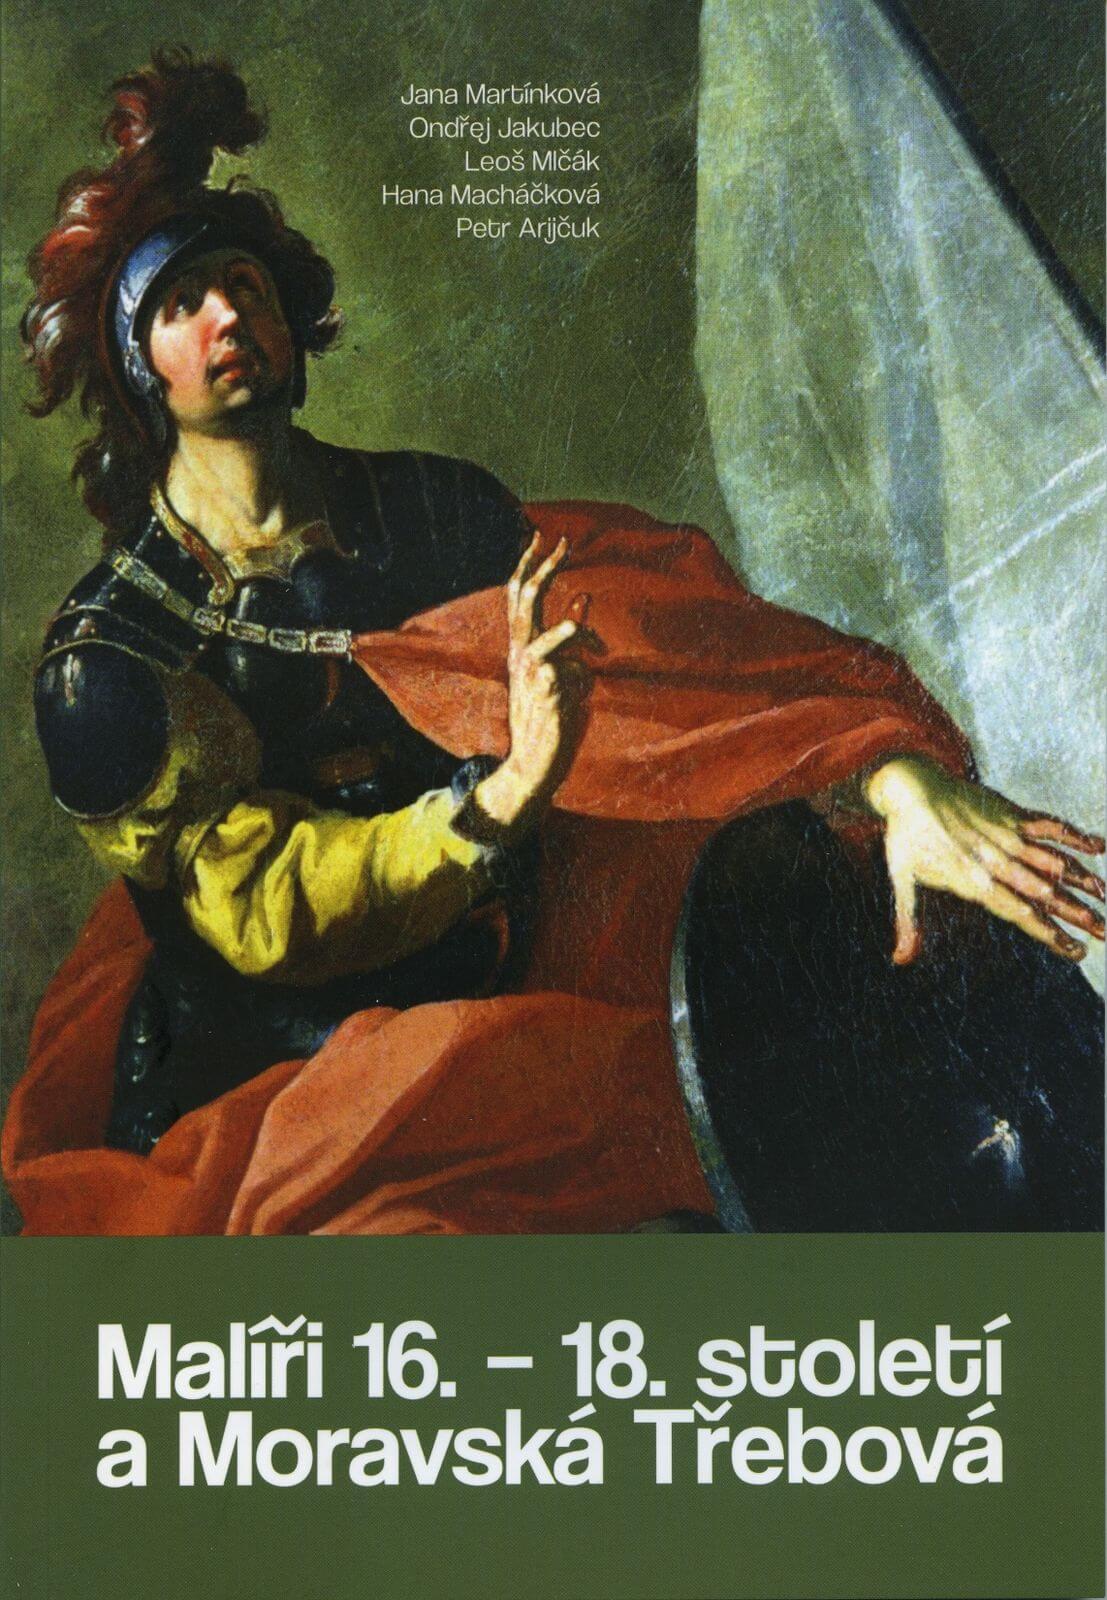 Malíři 16. – 18. století a Moravská Třebová